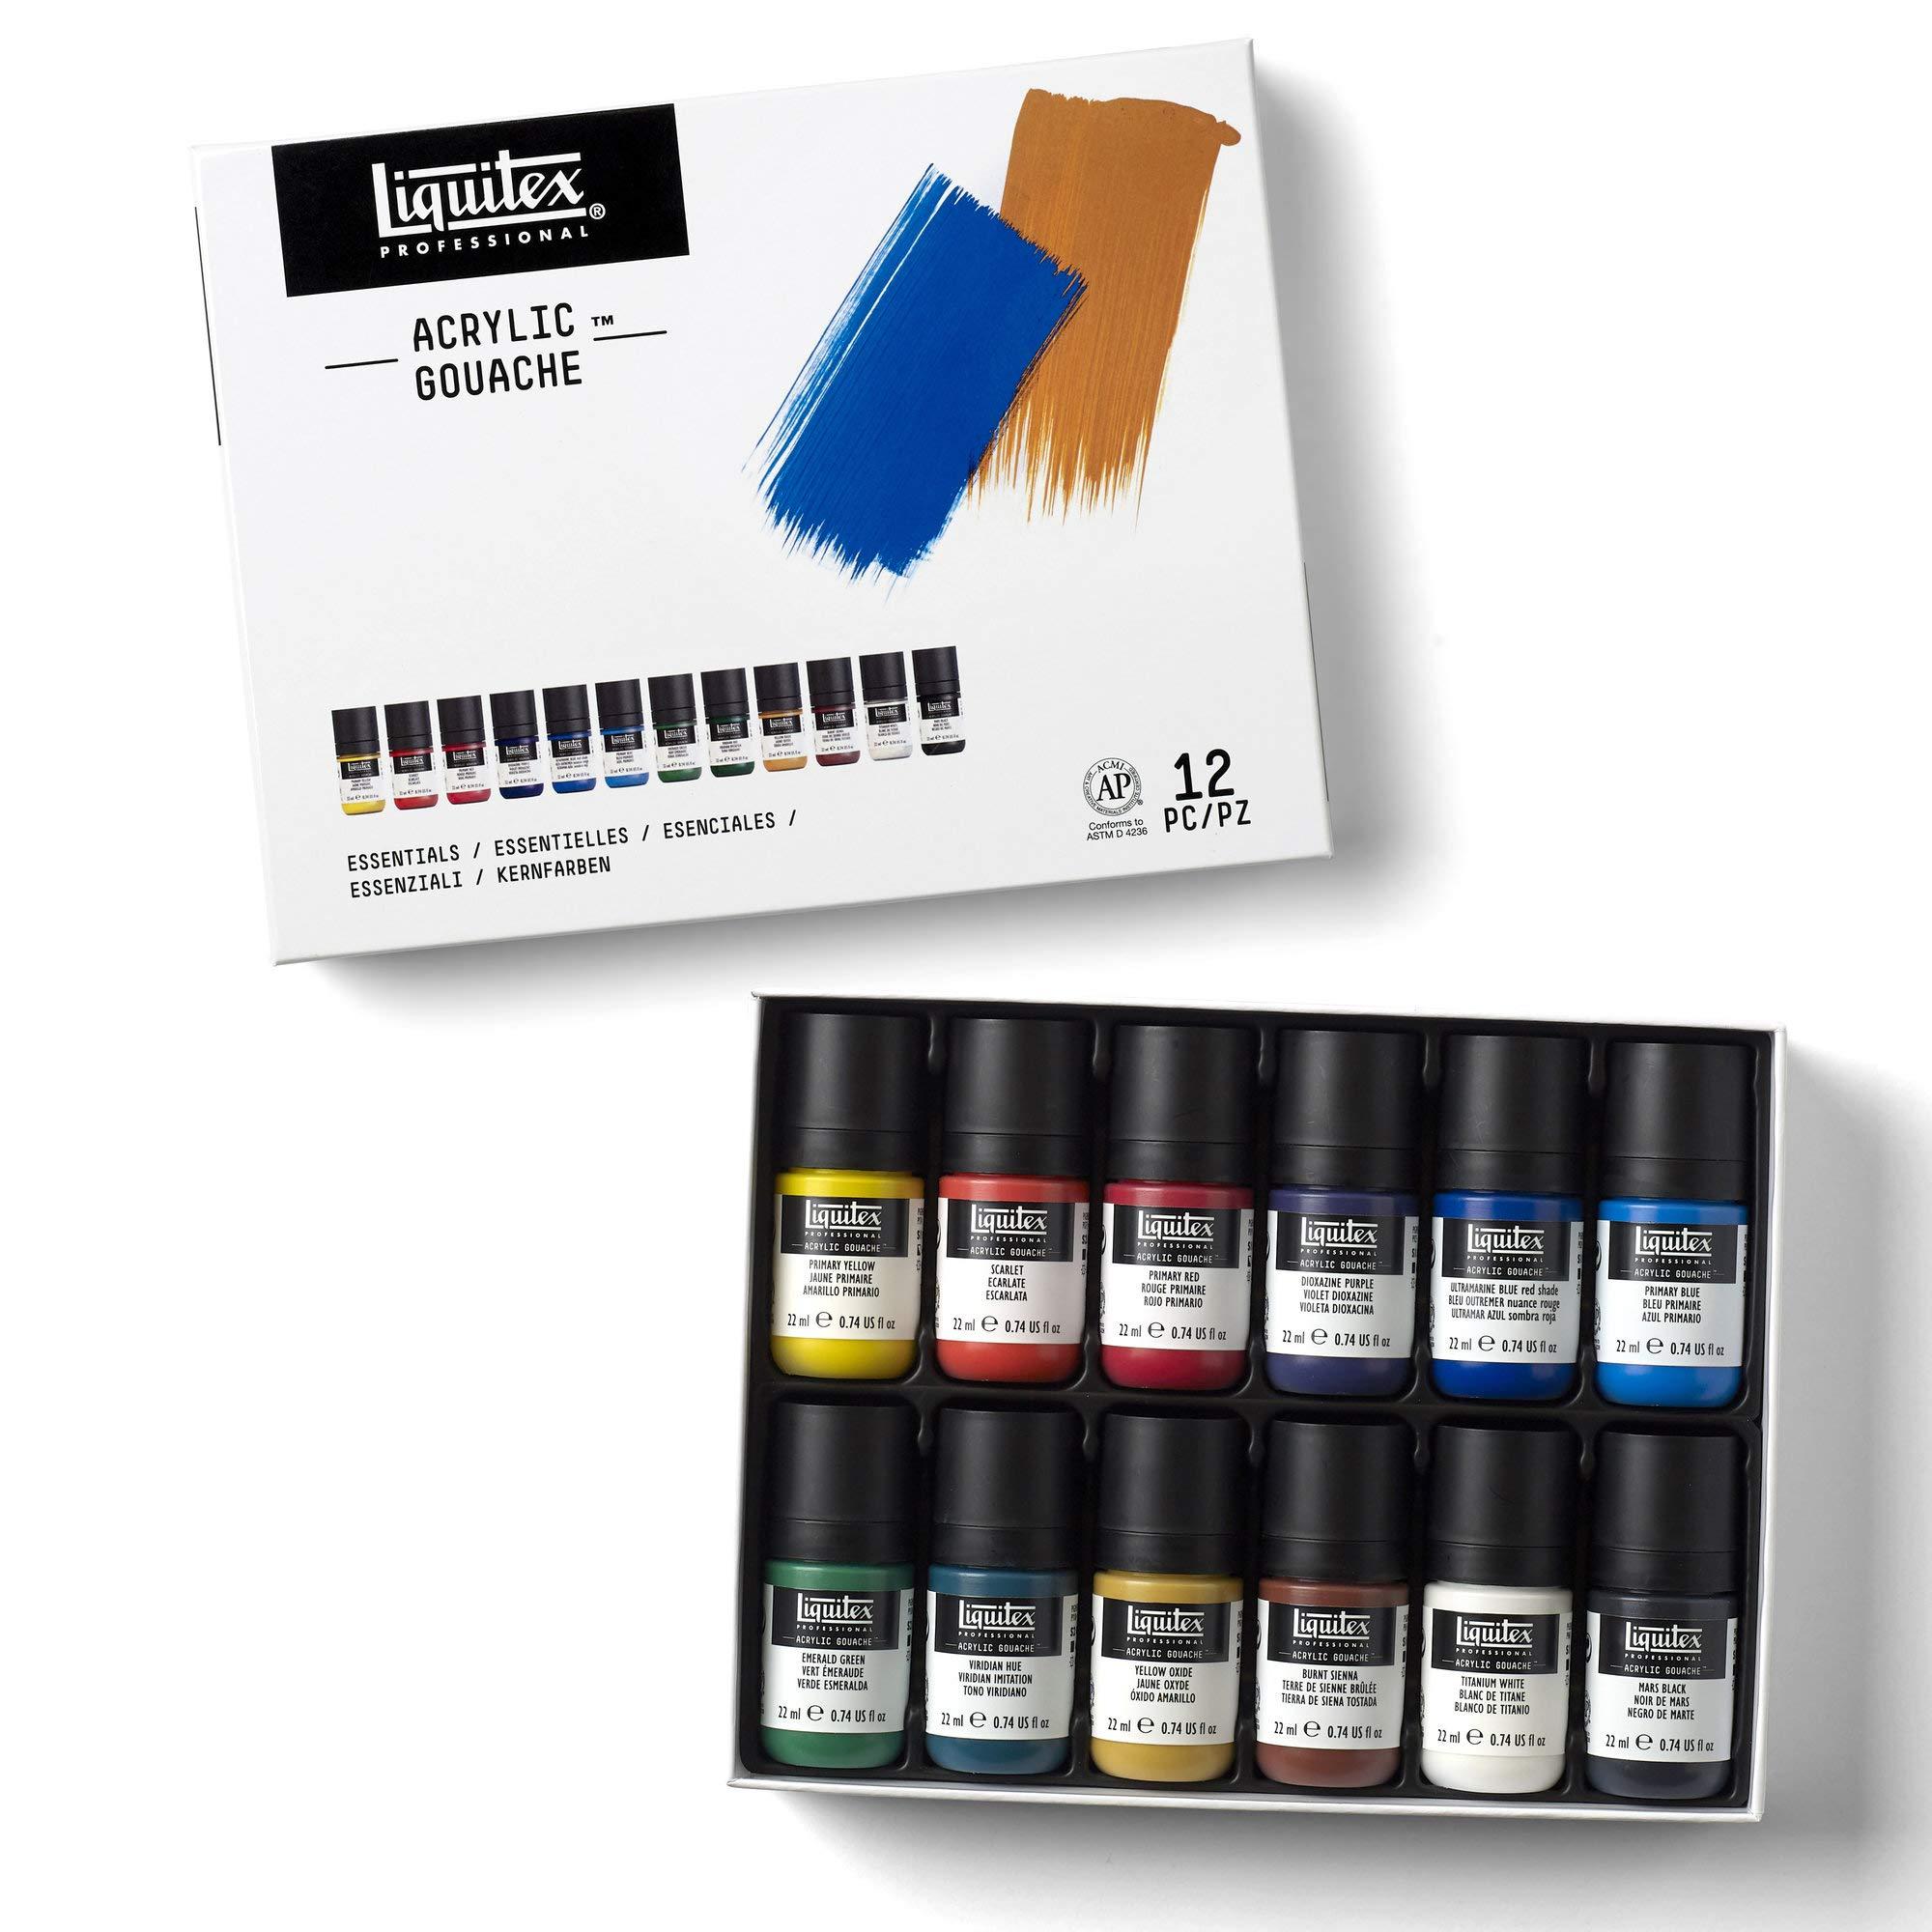 Liquitex 3699325 Professional Acrylic Gouache Paint Set Essentials 22ml 6 Colors